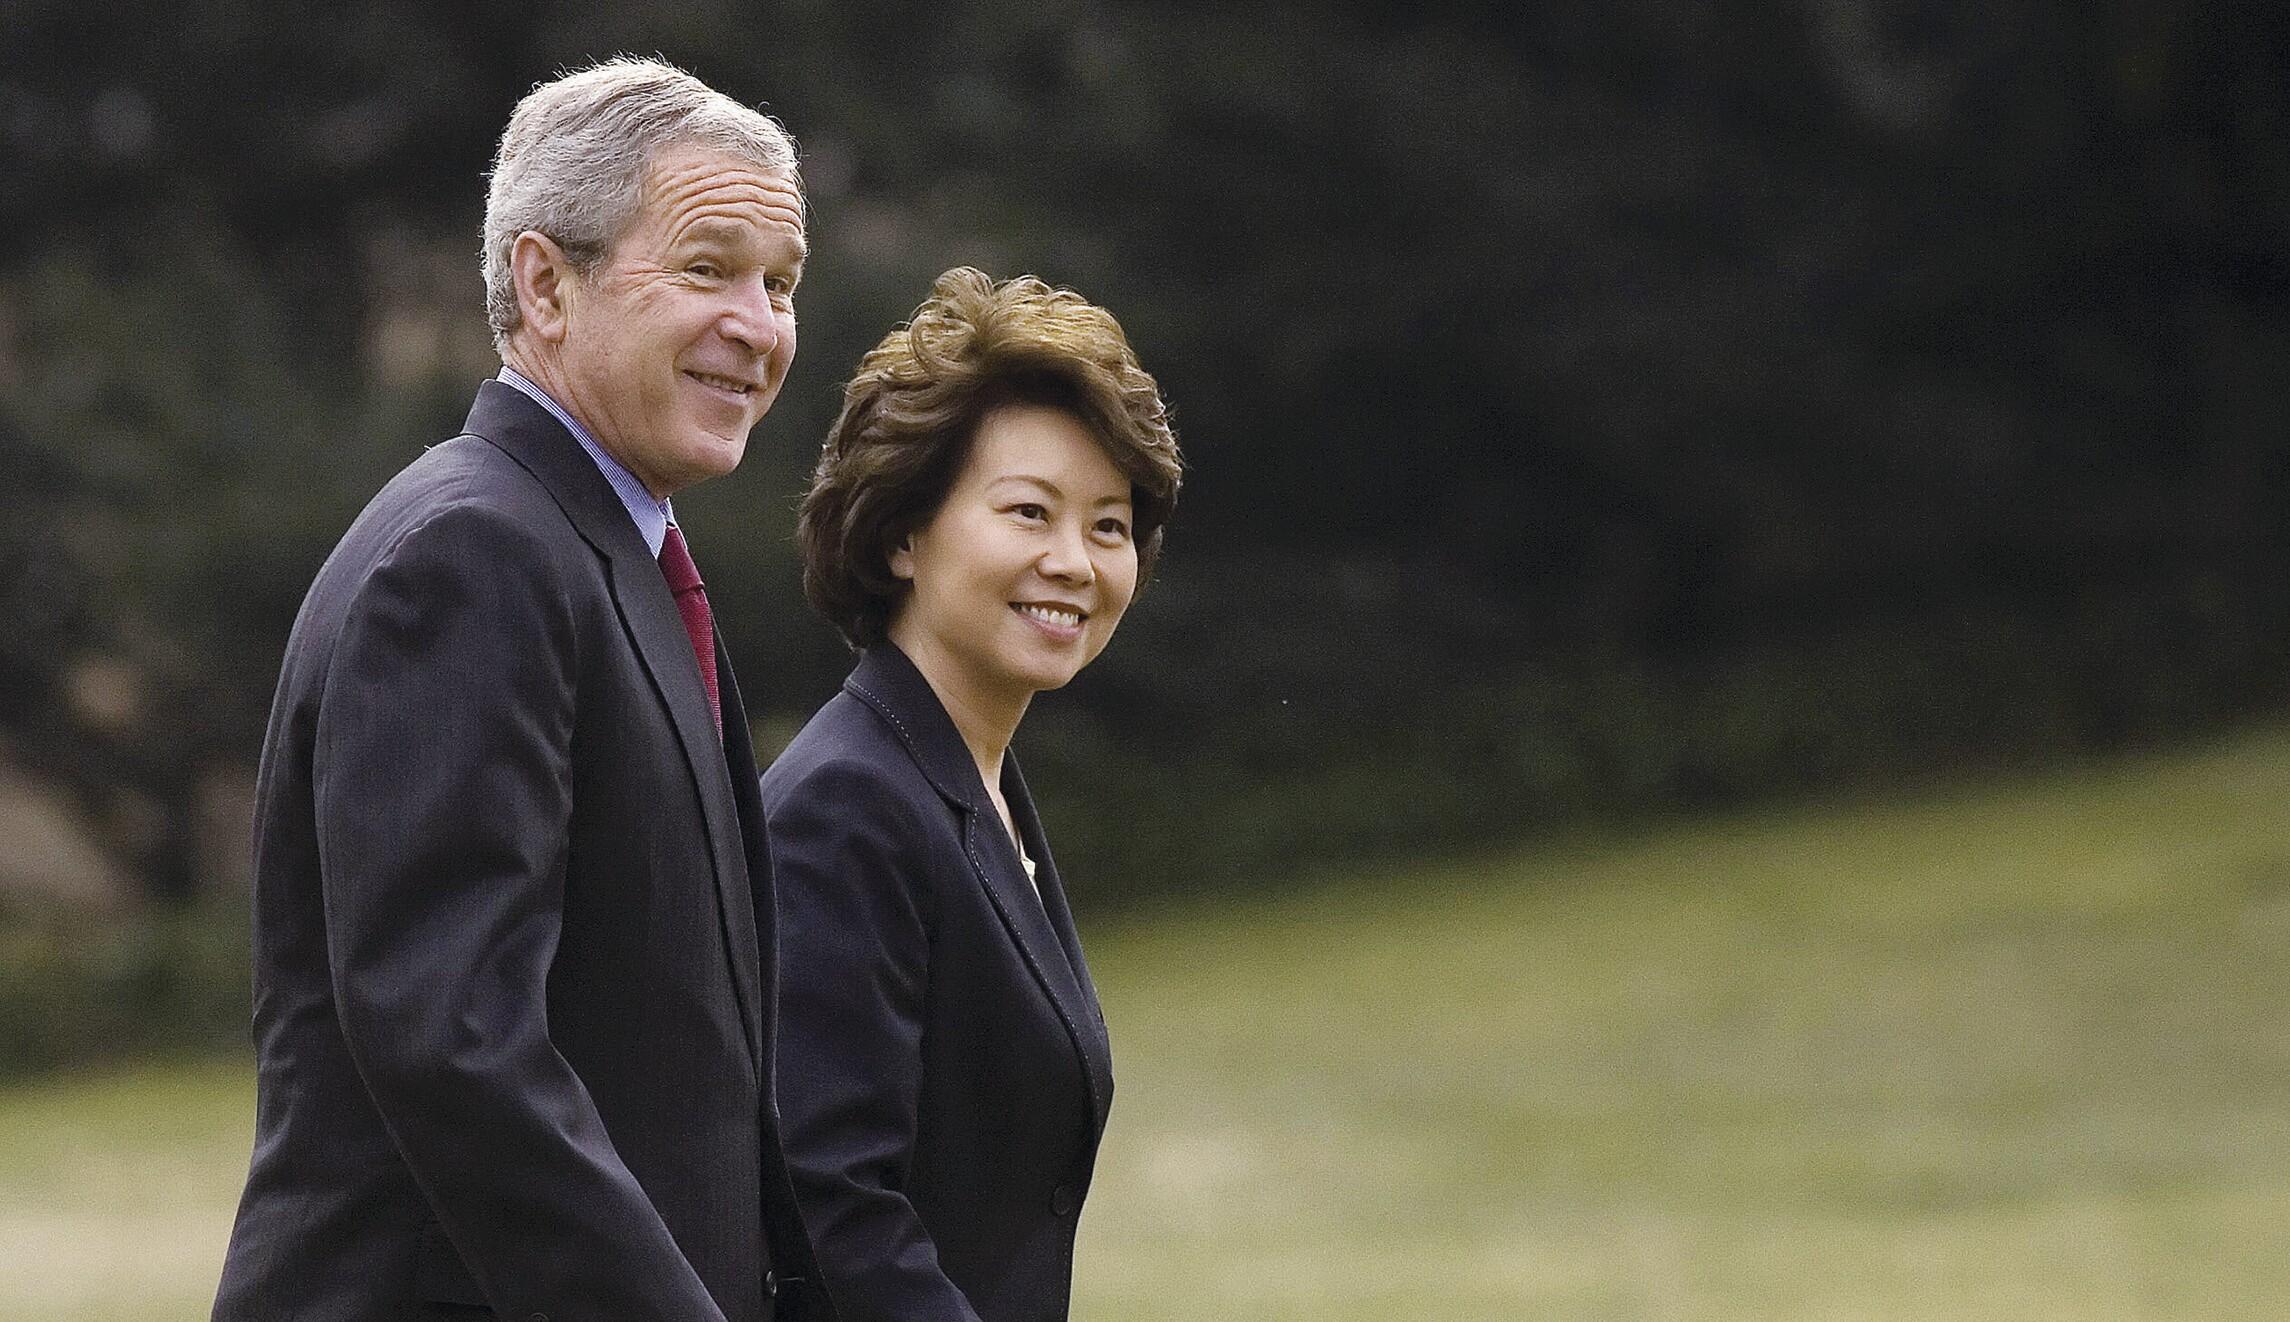 US President George W. Bush (L) walks wi